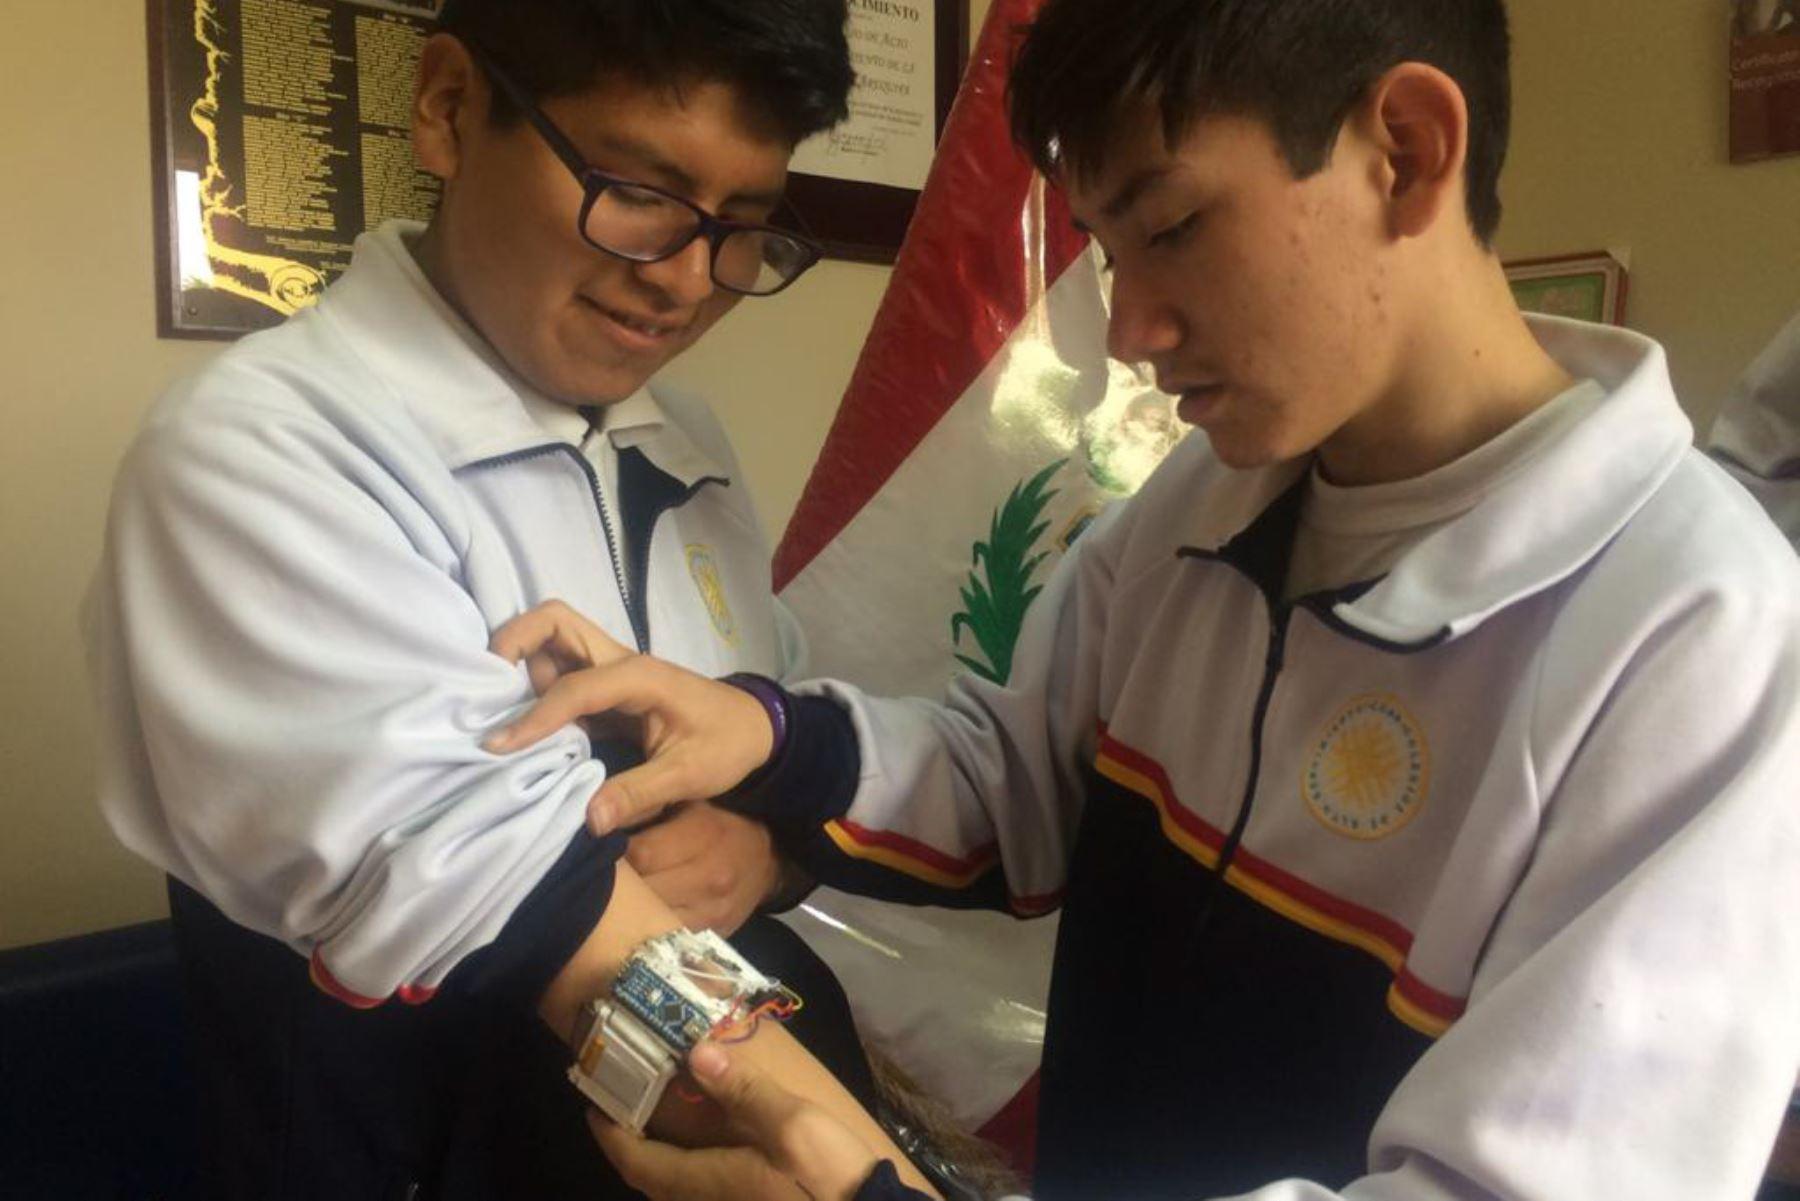 Estudiantes del Coar Arequipa inventaron un medidor de pulso cardiaco, que podría ayudar a reducir accidentes de tránsito en las carreteras.